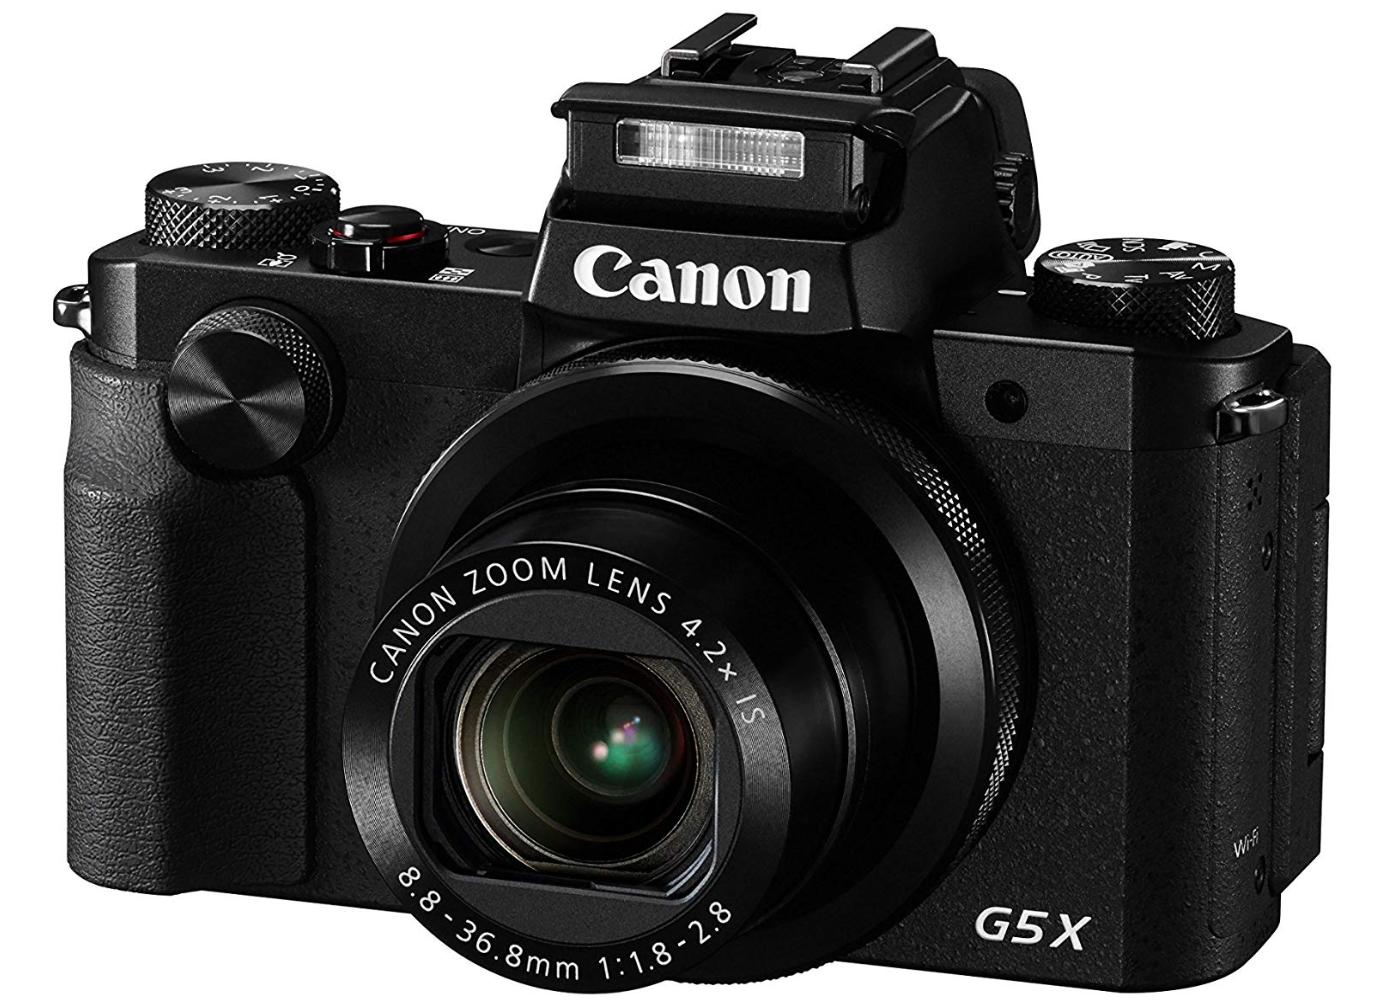 больше привлекает проф фотоаппарат с цветопередачей компании предоставление